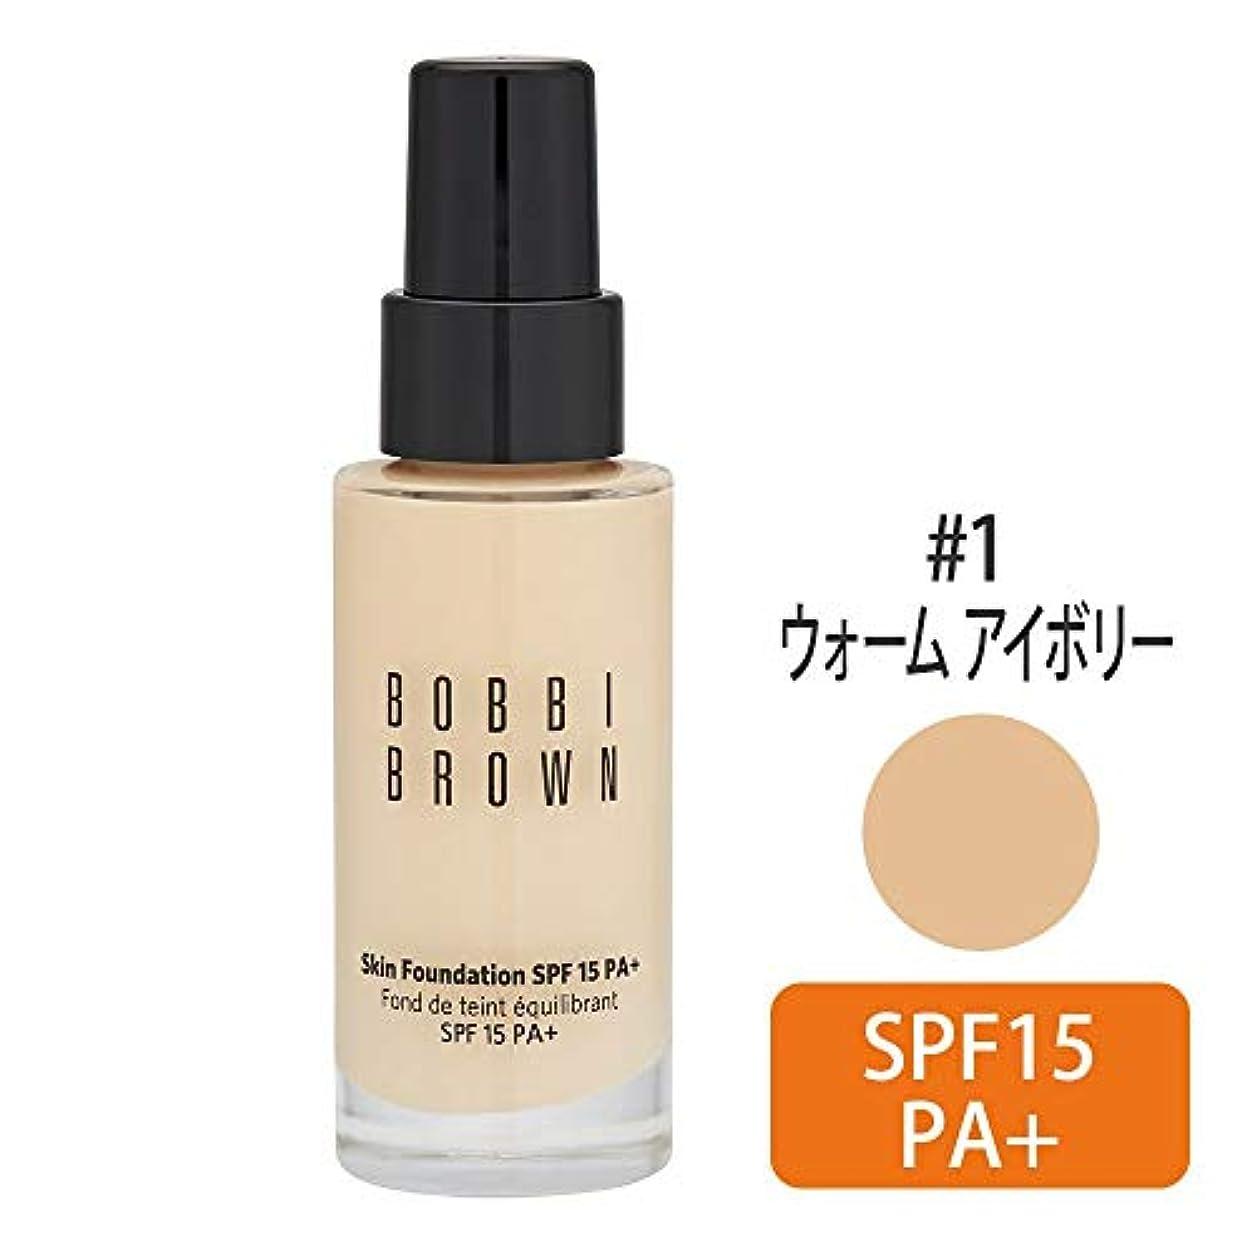 患者大胆解くBOBBI BROWN ボビイ ブラウン スキン ファンデーション SPF15 PA+ #1 Warm Ivory 30ml [並行輸入品]